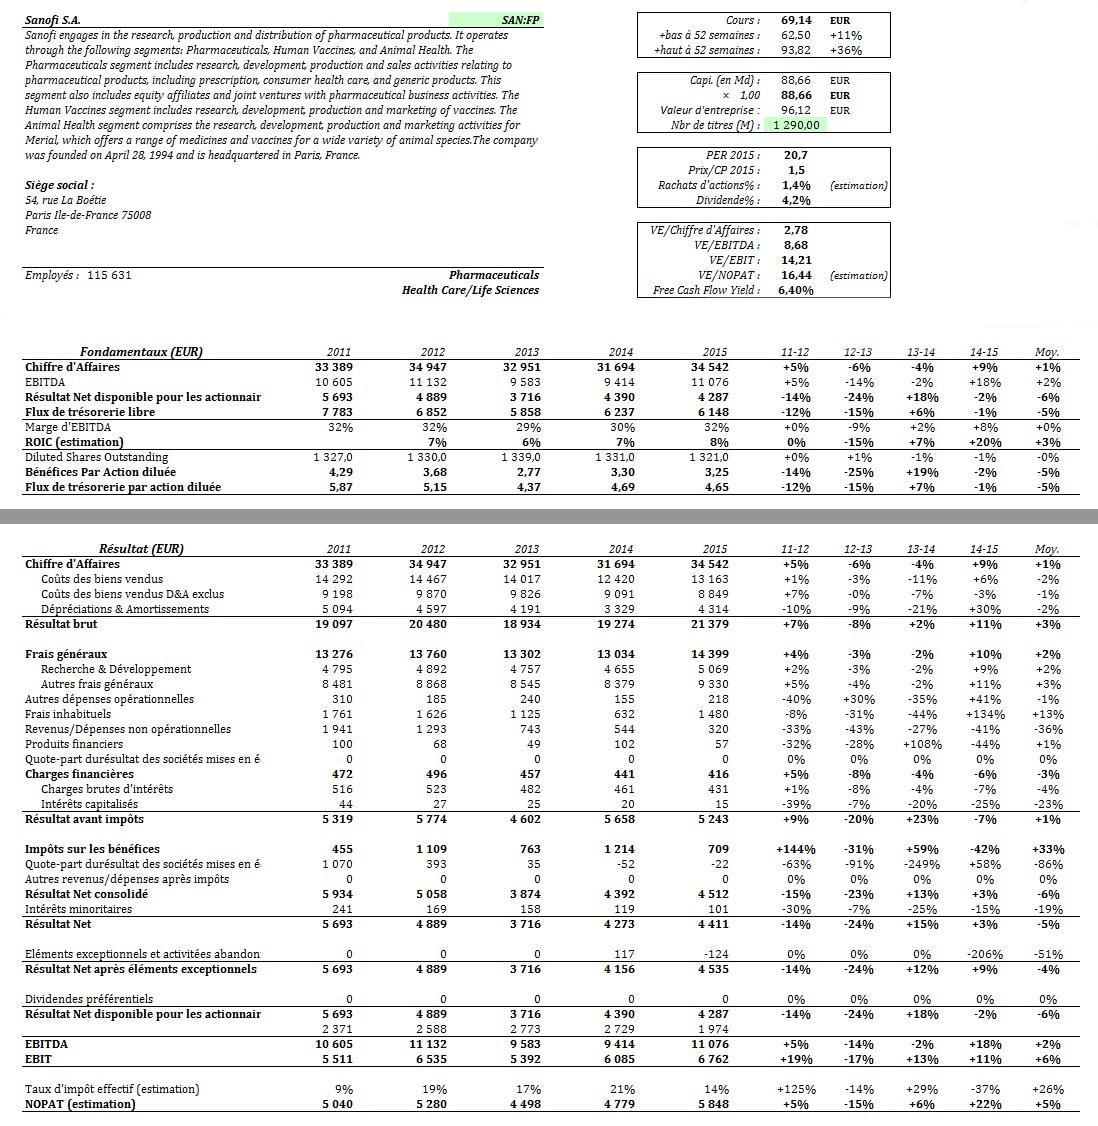 Chiffres financiers de Sanofi : compte de résultat